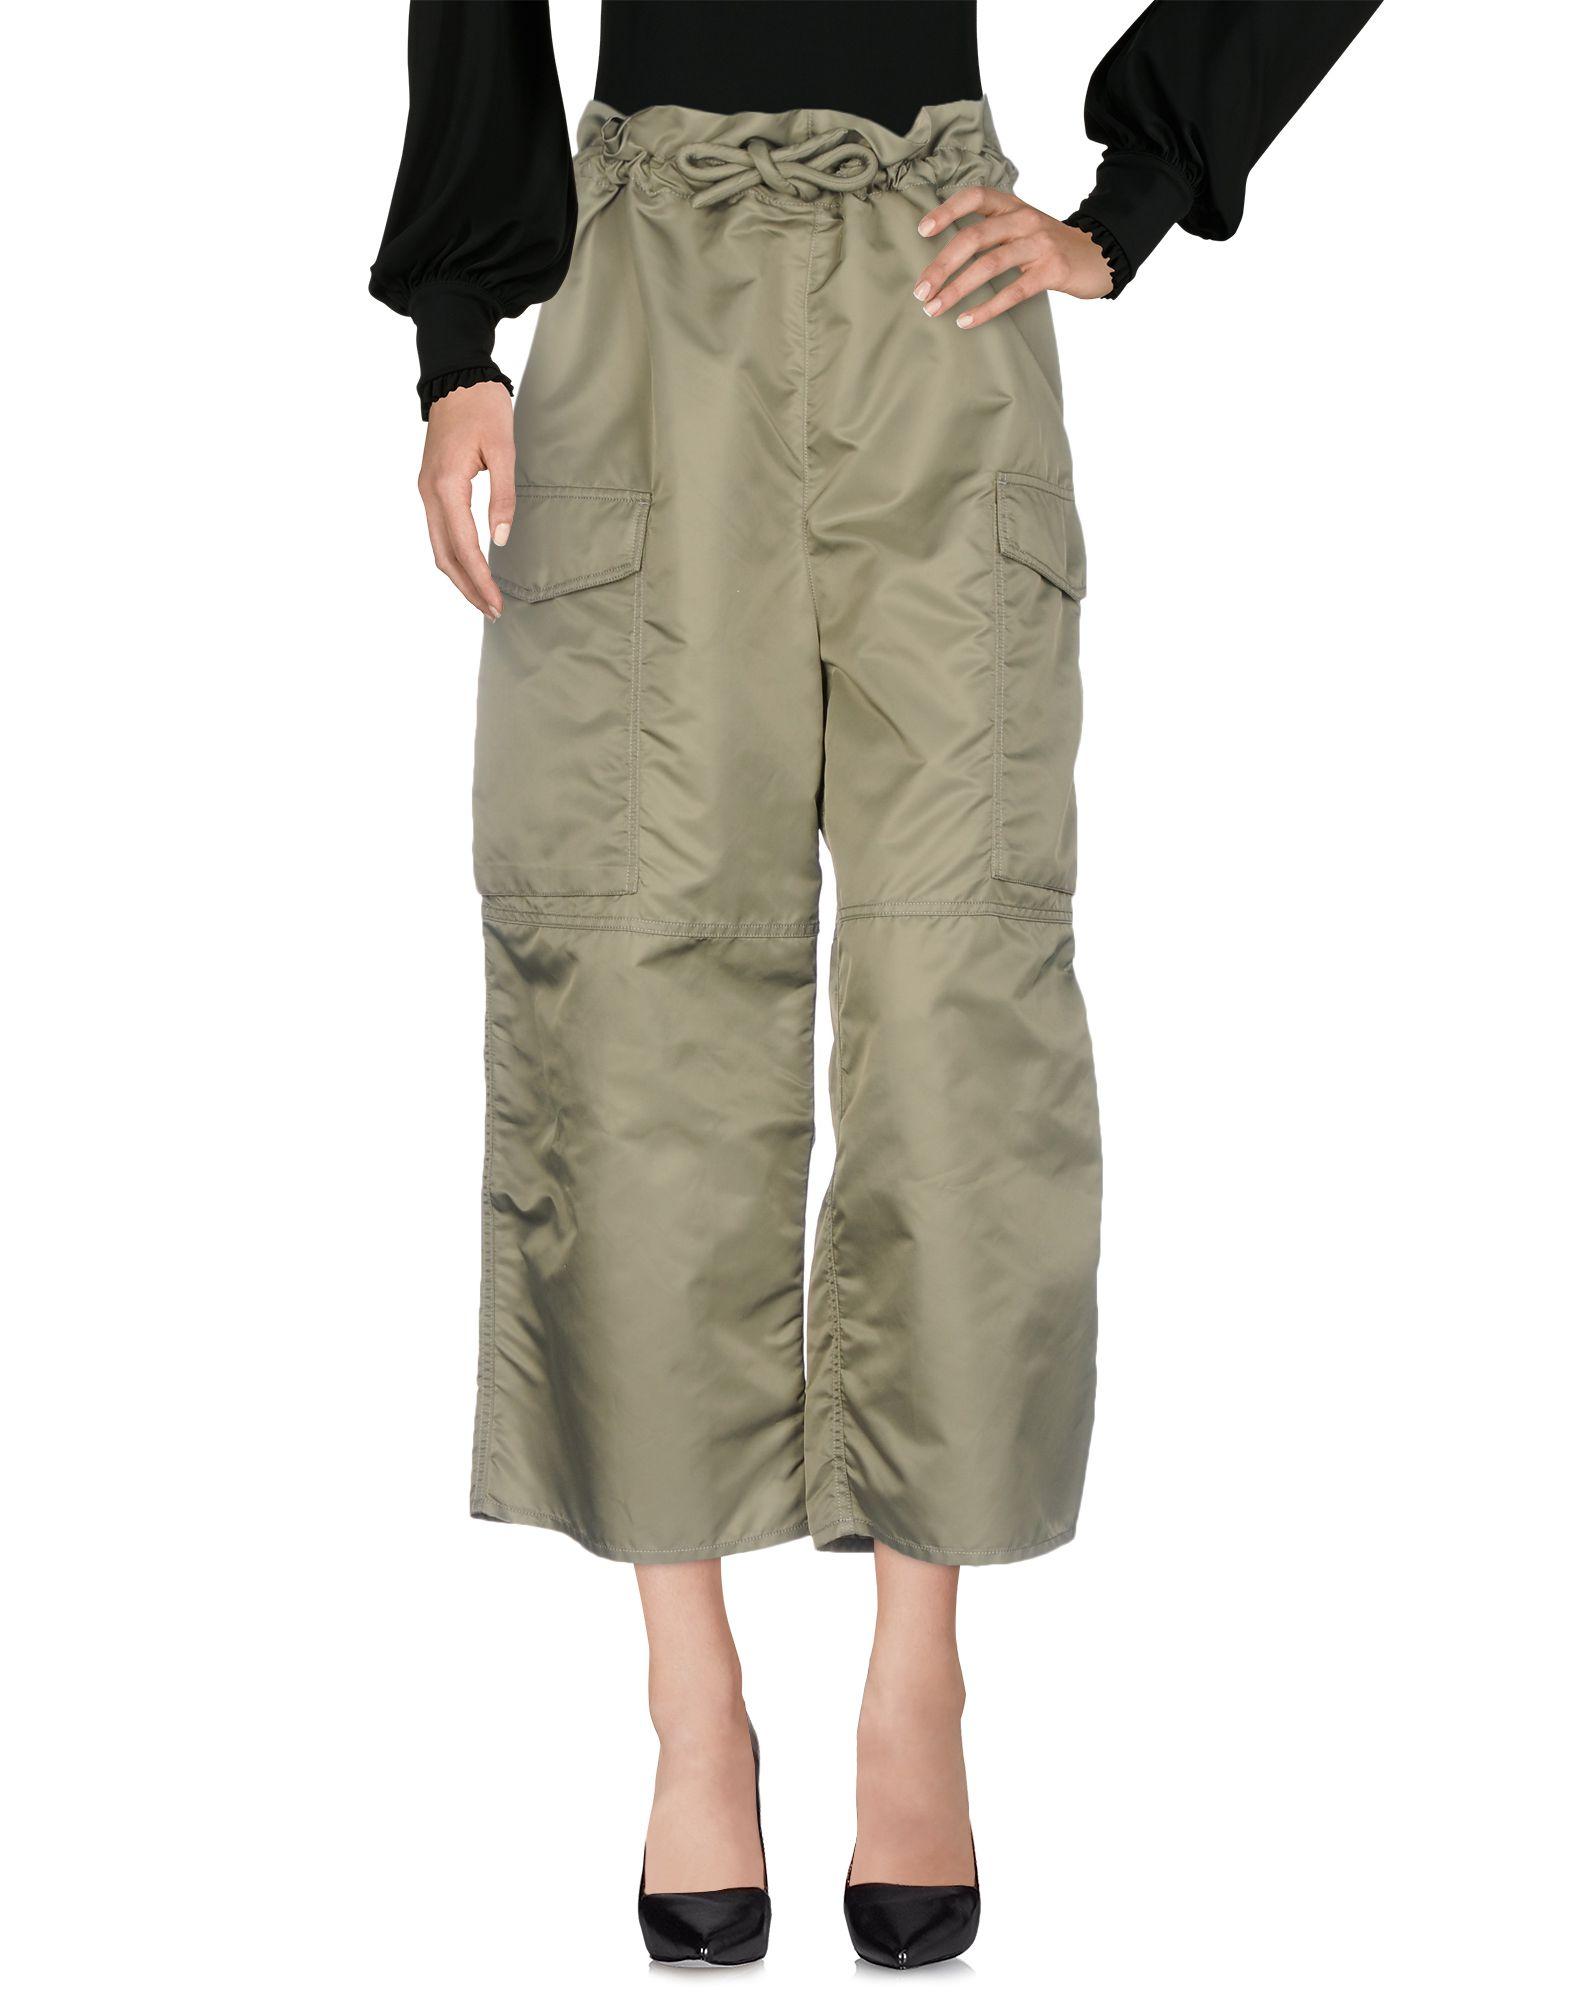 MM6 MAISON MARGIELA Повседневные брюки mm6 maison margiela повседневные брюки